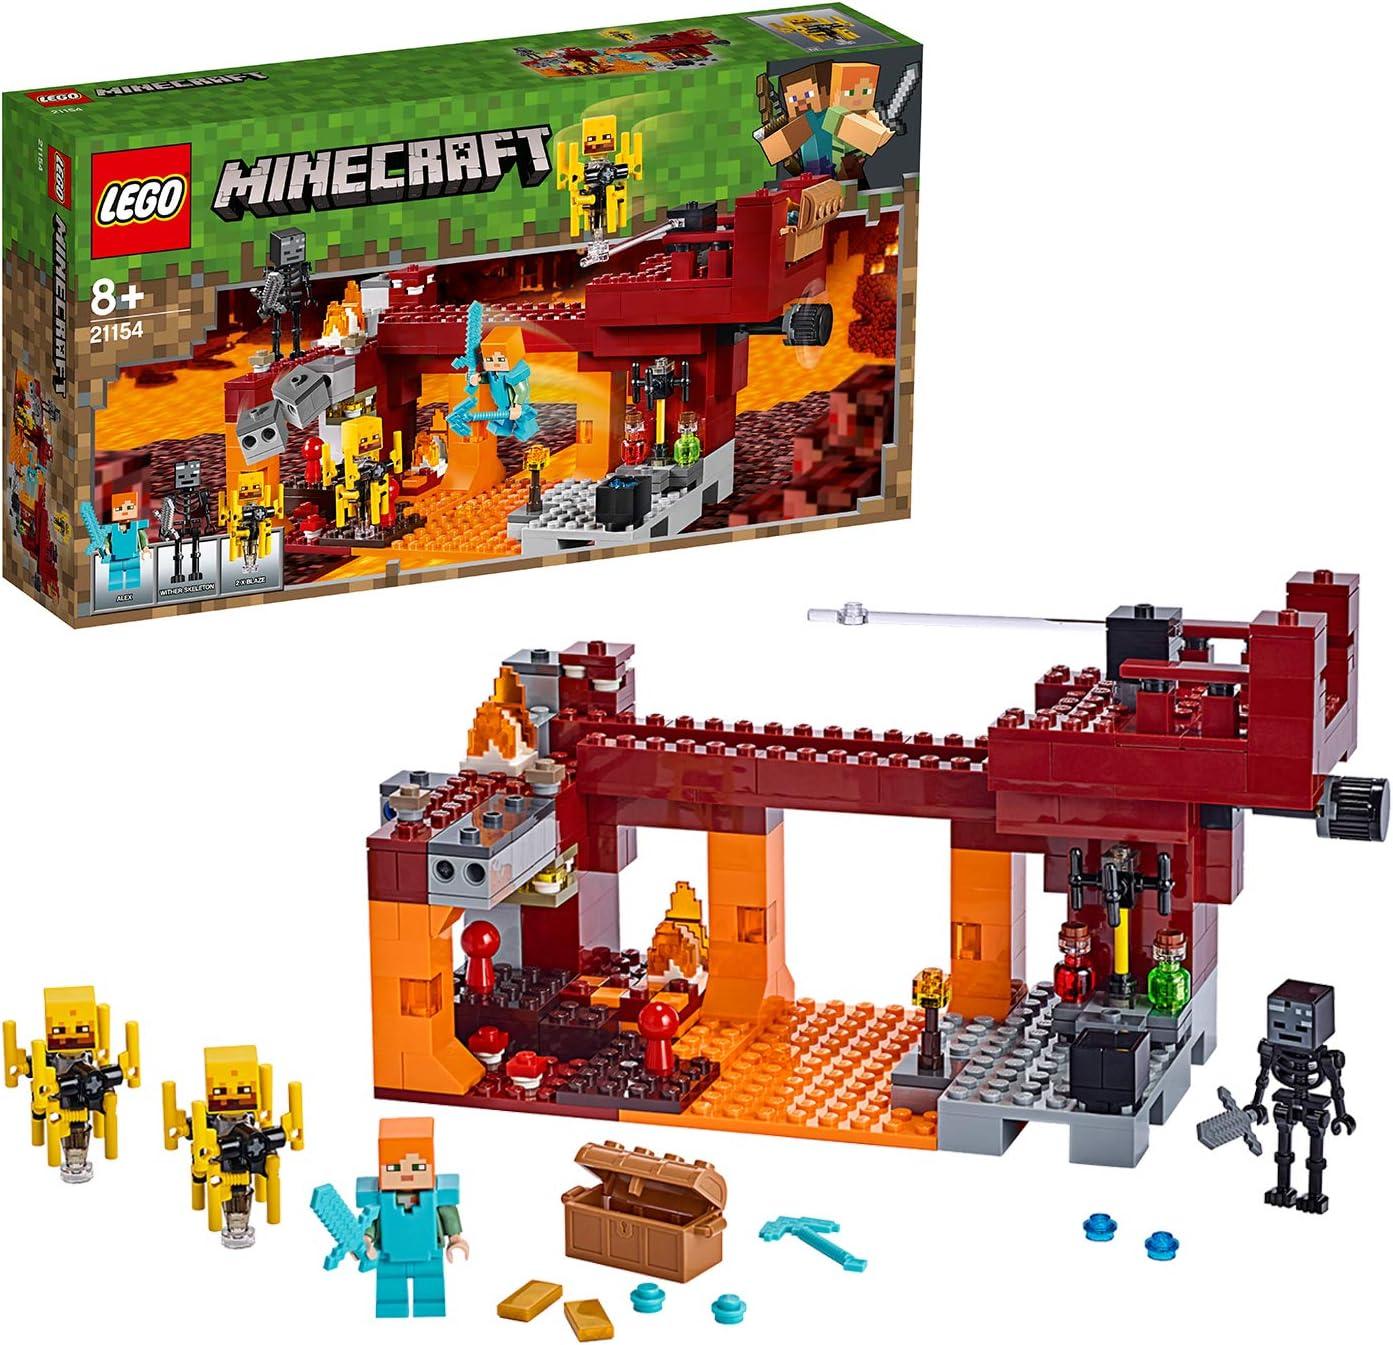 【メーカー特典】レゴ(LEGO) マインクラフト ブレイズブリッジでの戦い 21154 + クリスマスツリーミニセット付き